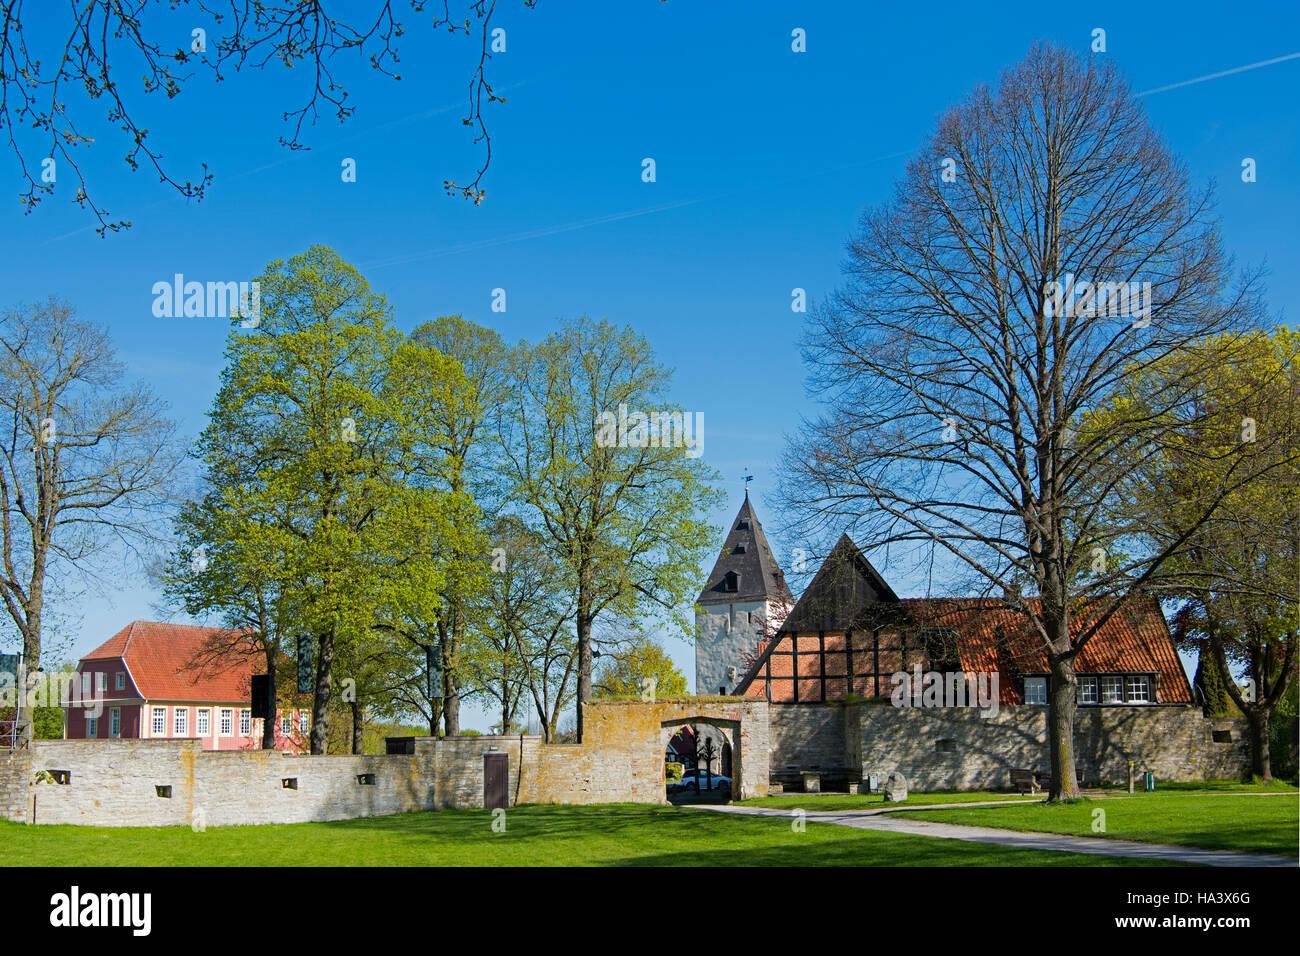 deutschland nordrhein westfalen kreis warendorf stromberg burg stock photo royalty free. Black Bedroom Furniture Sets. Home Design Ideas